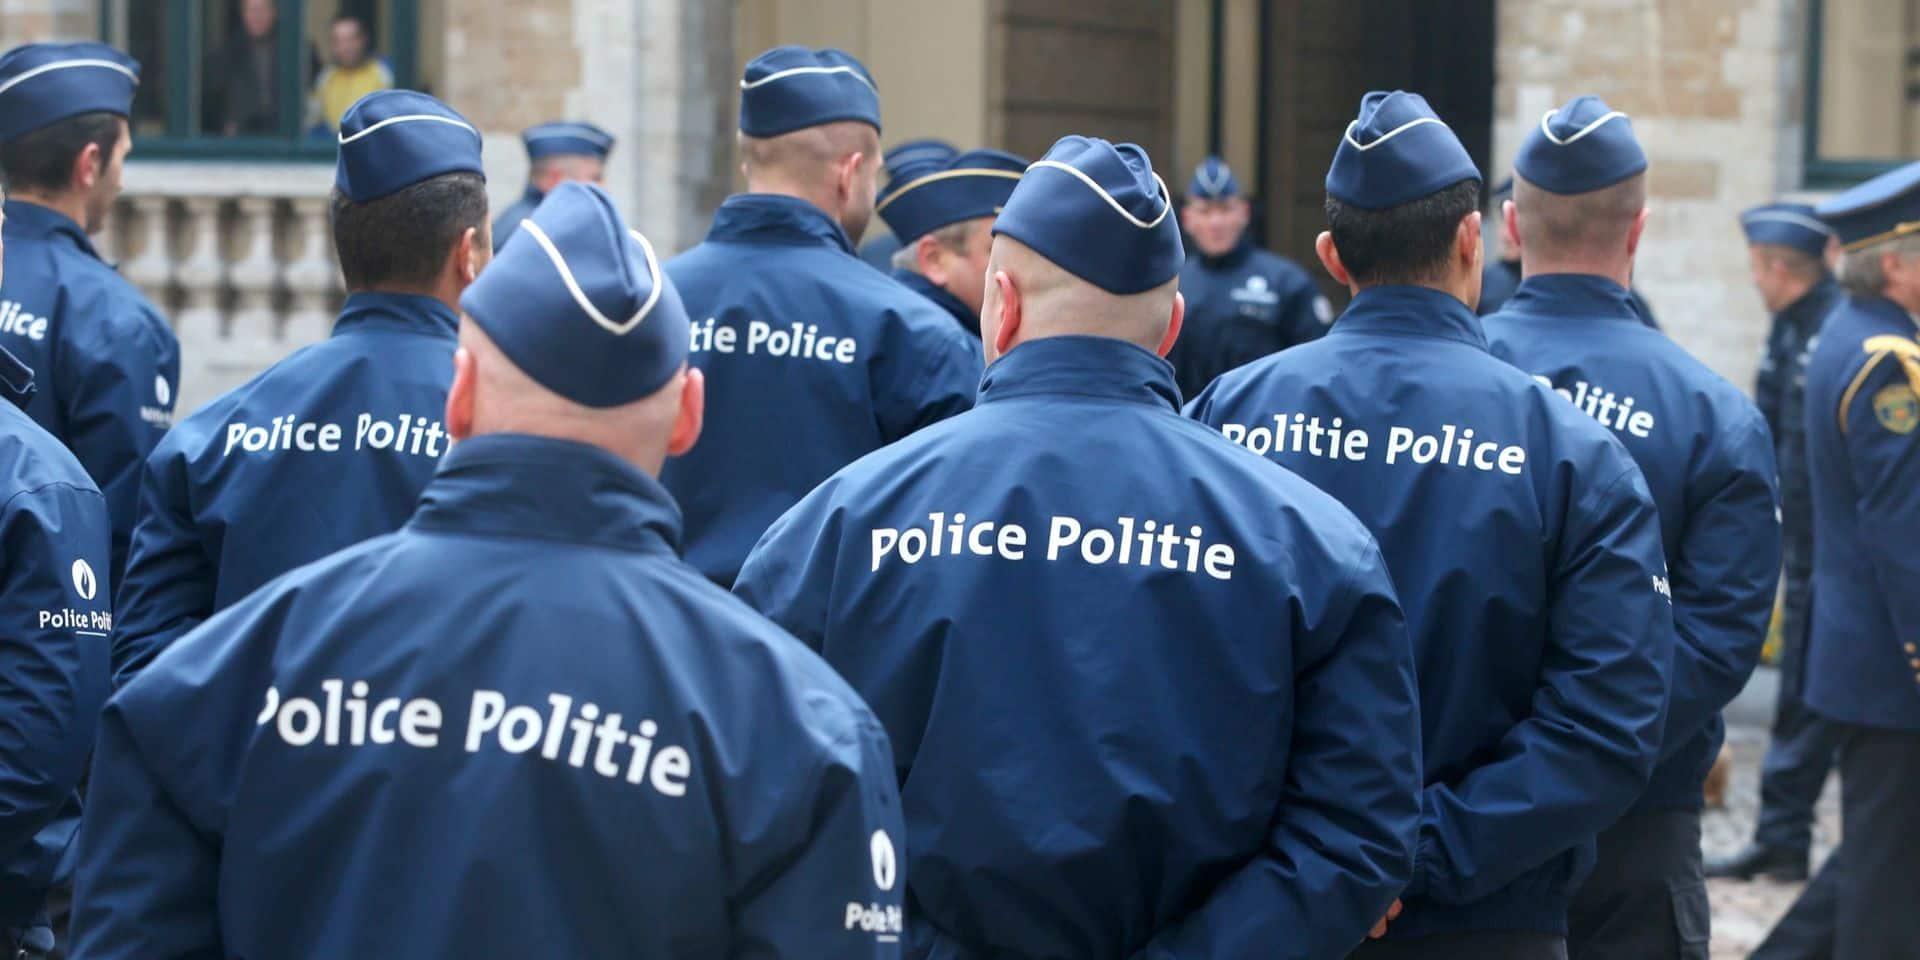 Les mesures de confinement en Belgique ont déjà des effets sur... la criminalité